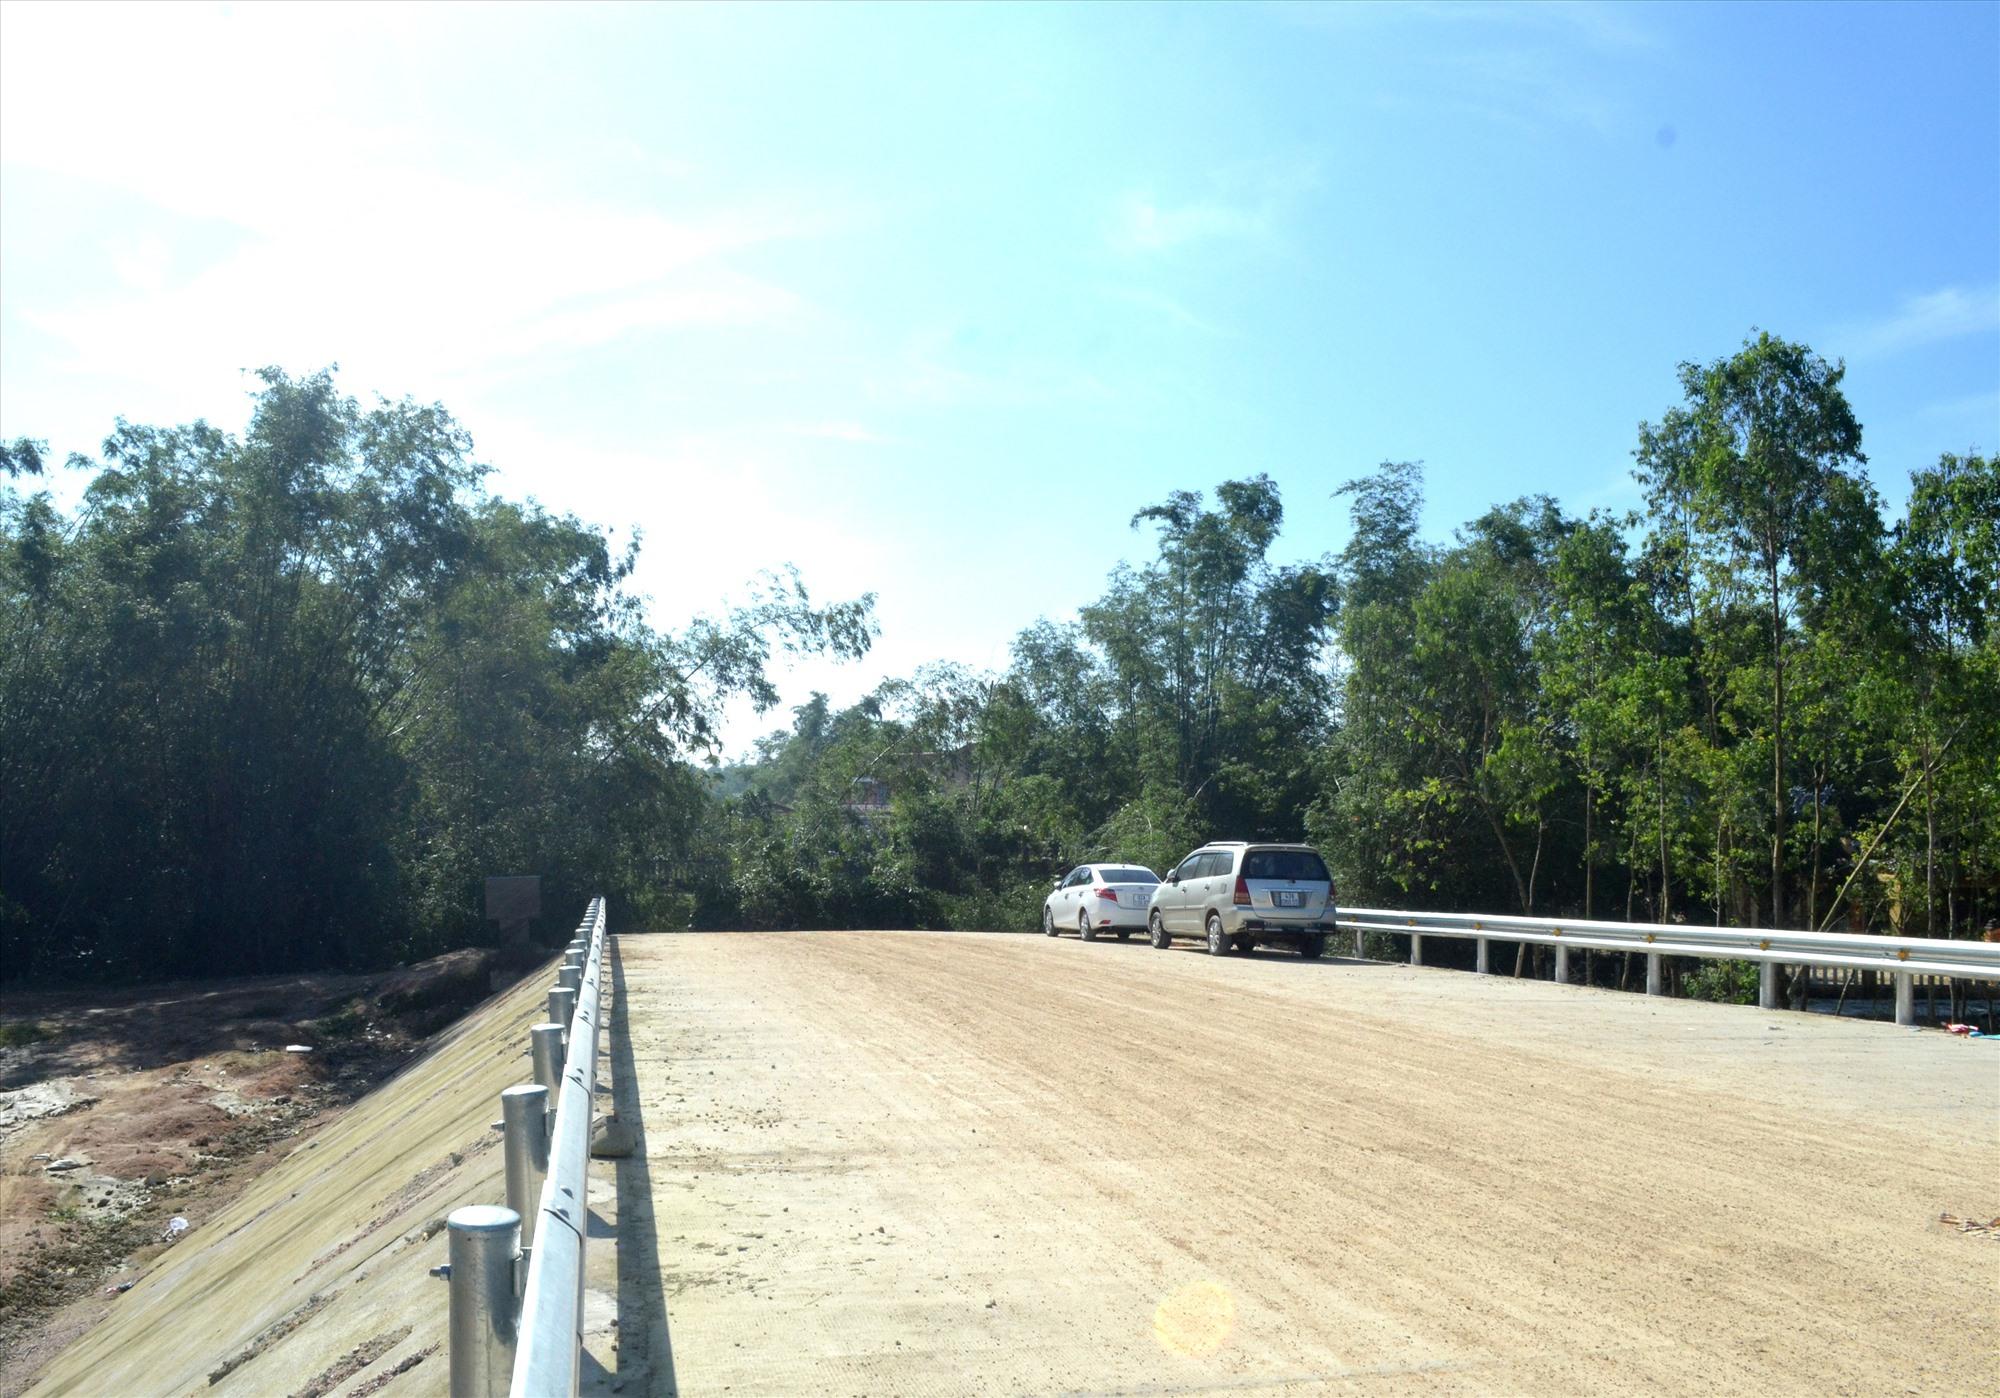 Cầu Cẩm Kim đoạn qua thôn Triêm Tây đã xây dựng xong nhưng chưa có đường dẫn. Ảnh: VIỆT NGUYỄN